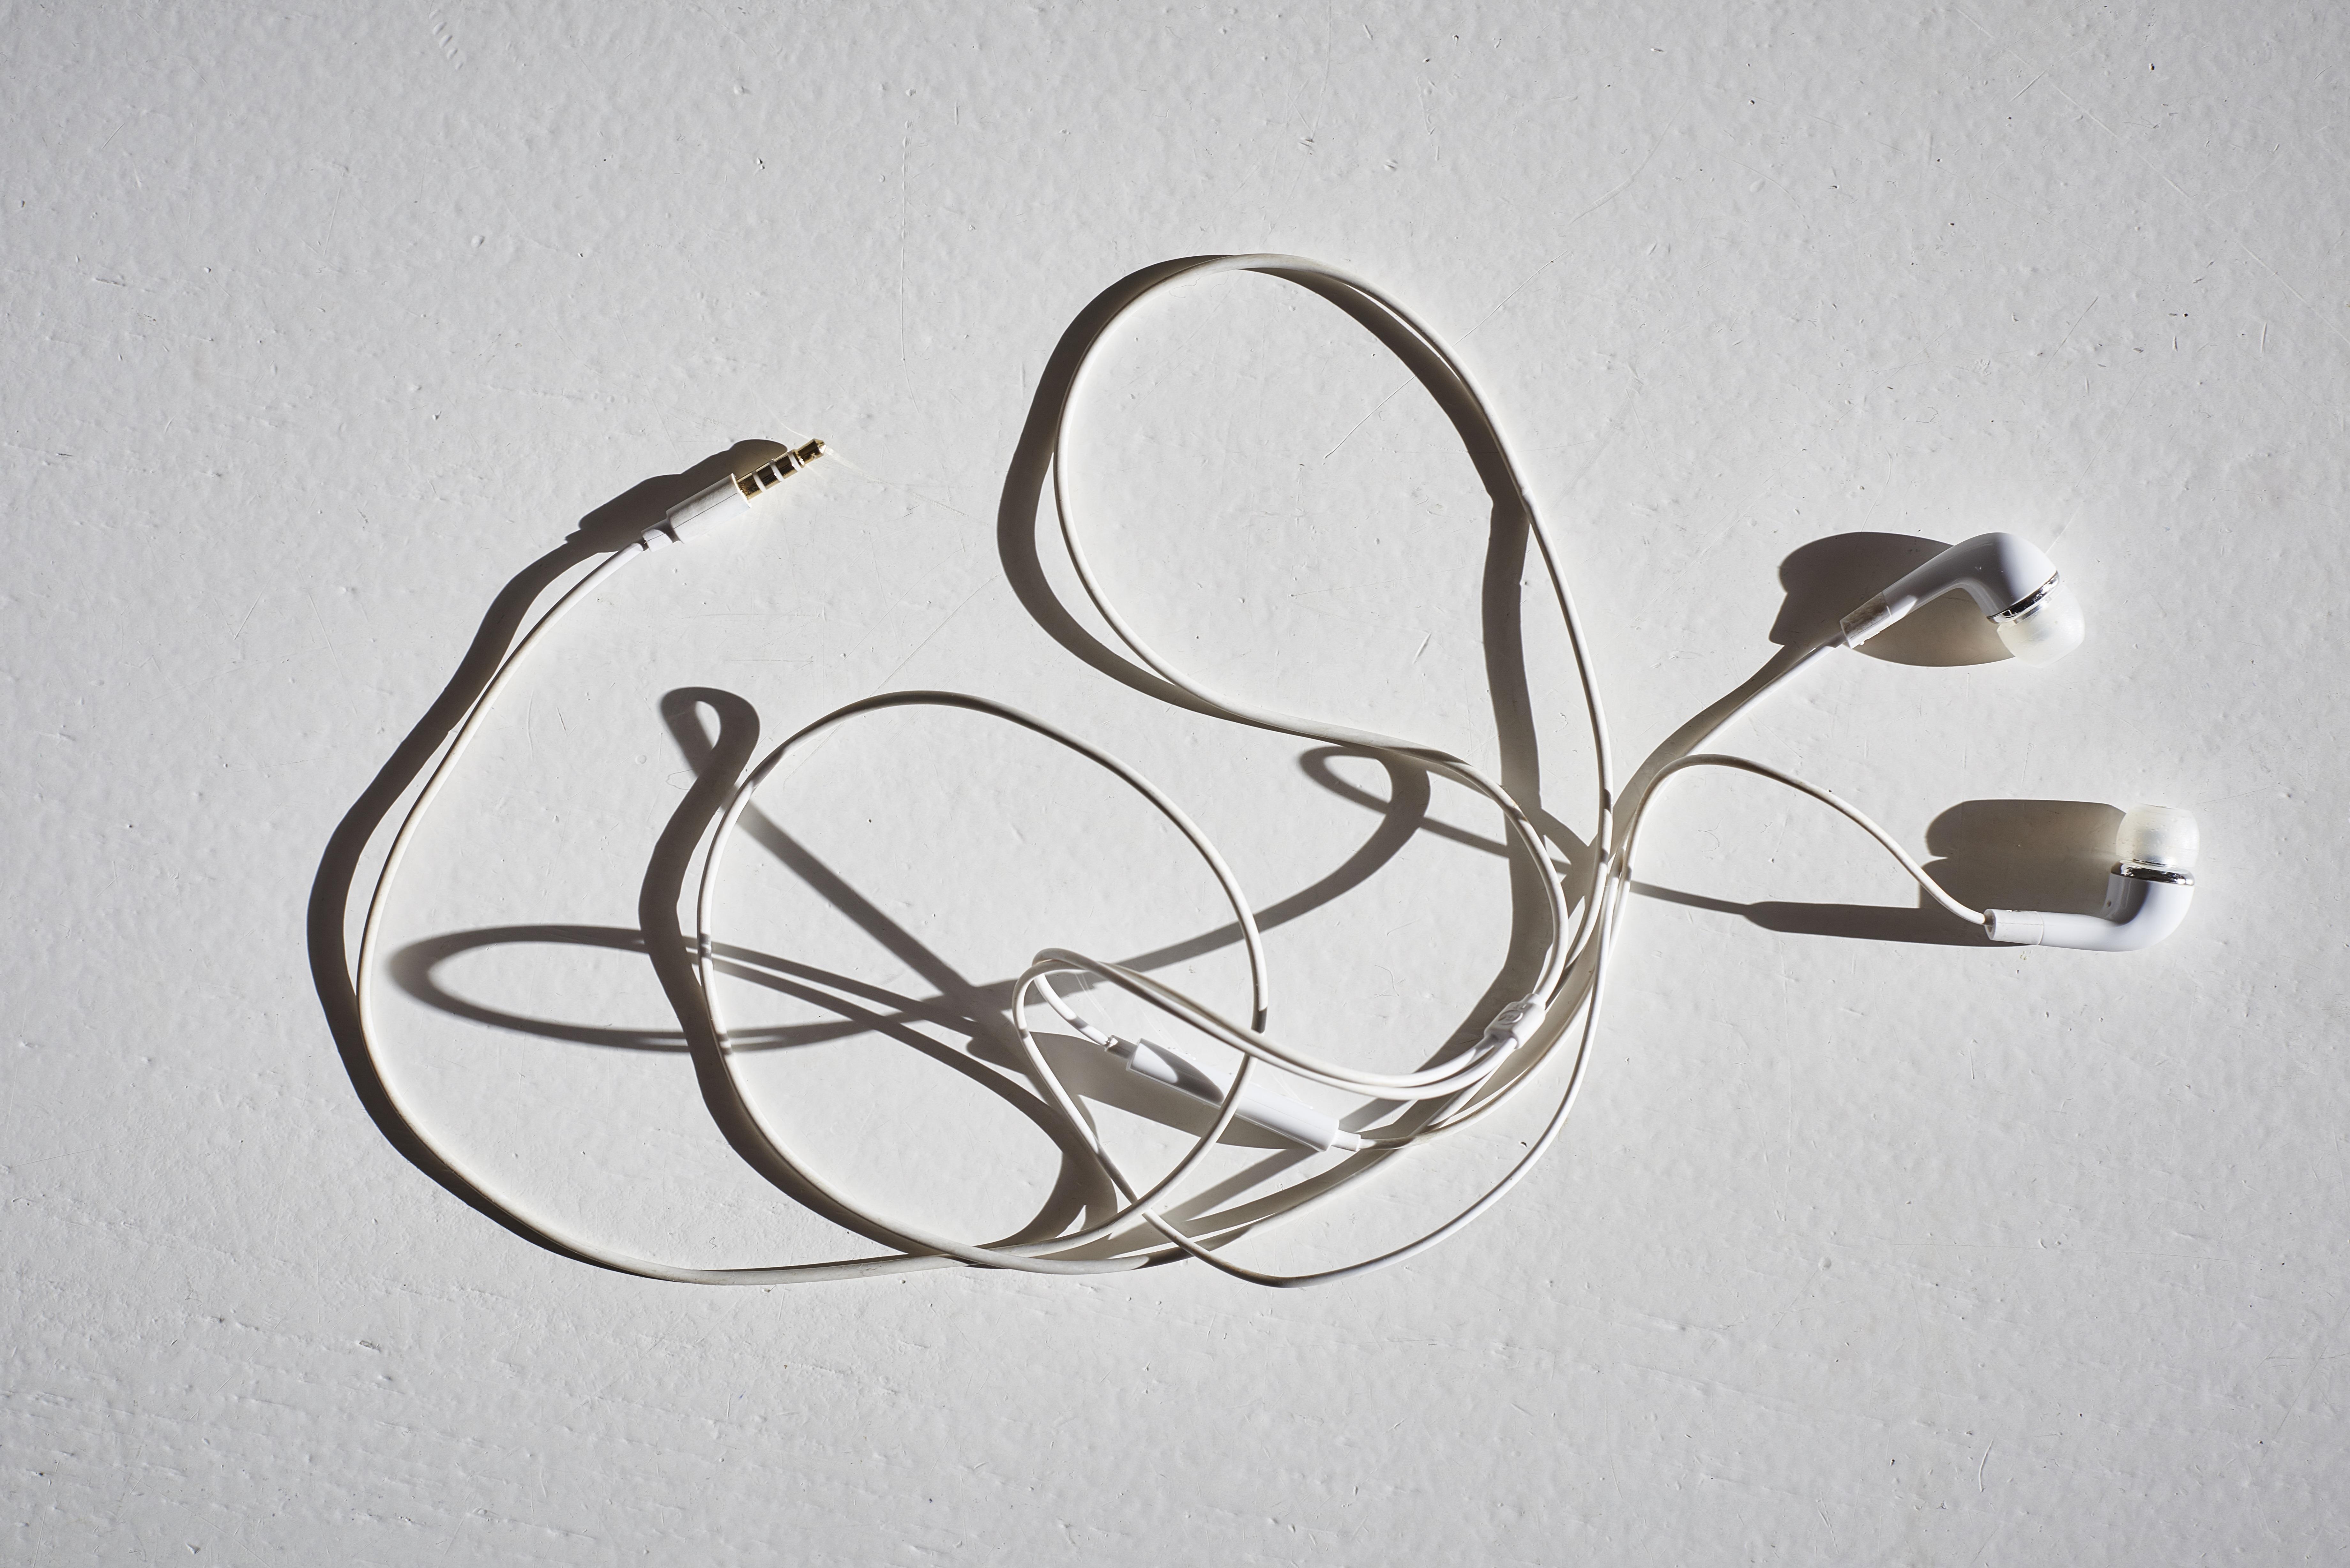 Kostenlose foto : Musik-, Symbol, Schatten, Box, Beleuchtung, Kreis ...